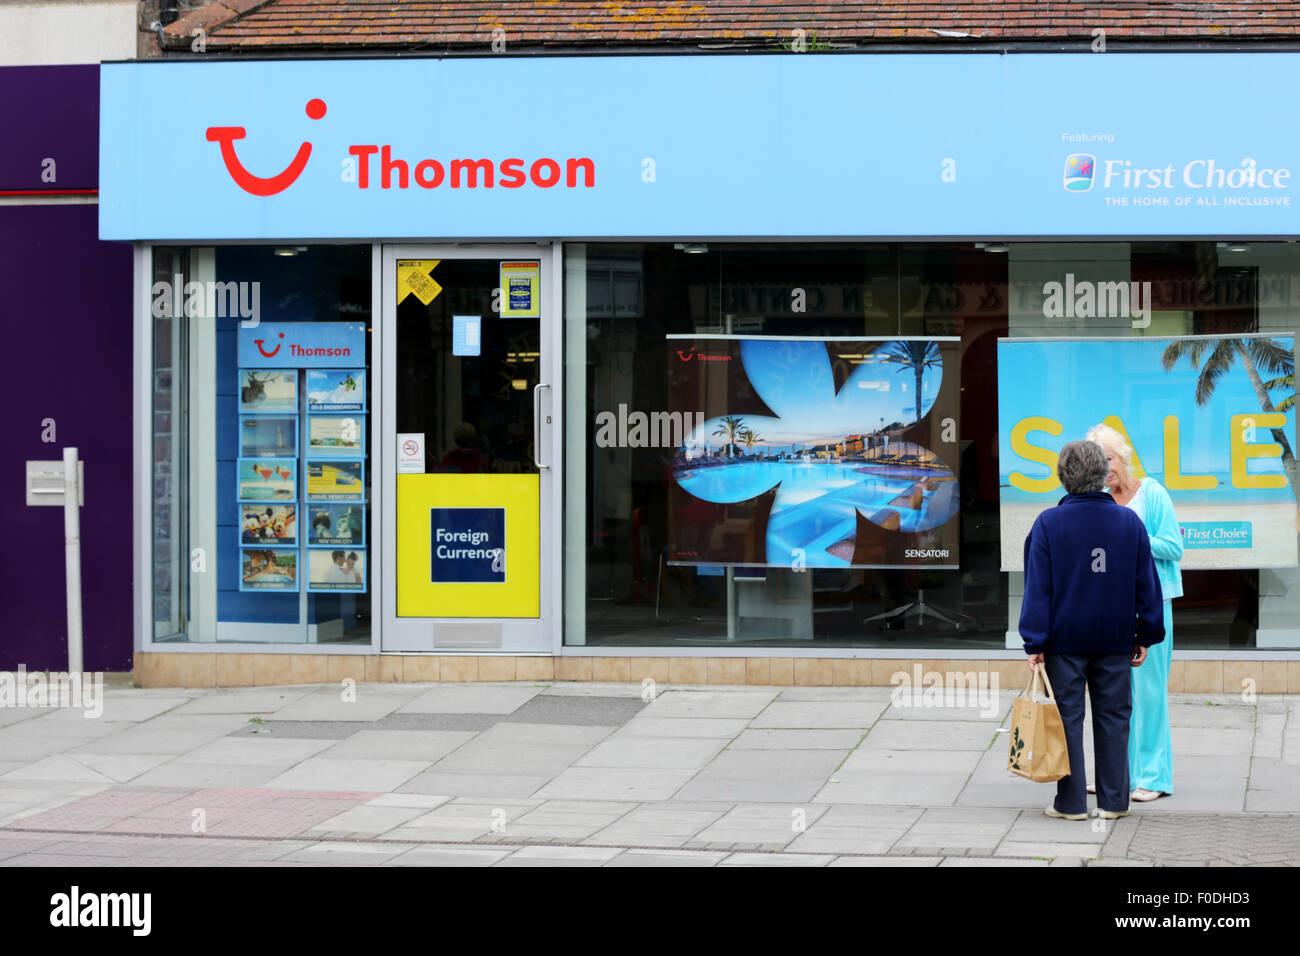 Ein Thomson, Erste Wahl, TUI Reisebüro auf einem hohen St in einem typischen britischen Stadt. Die Geschäfte Stockbild